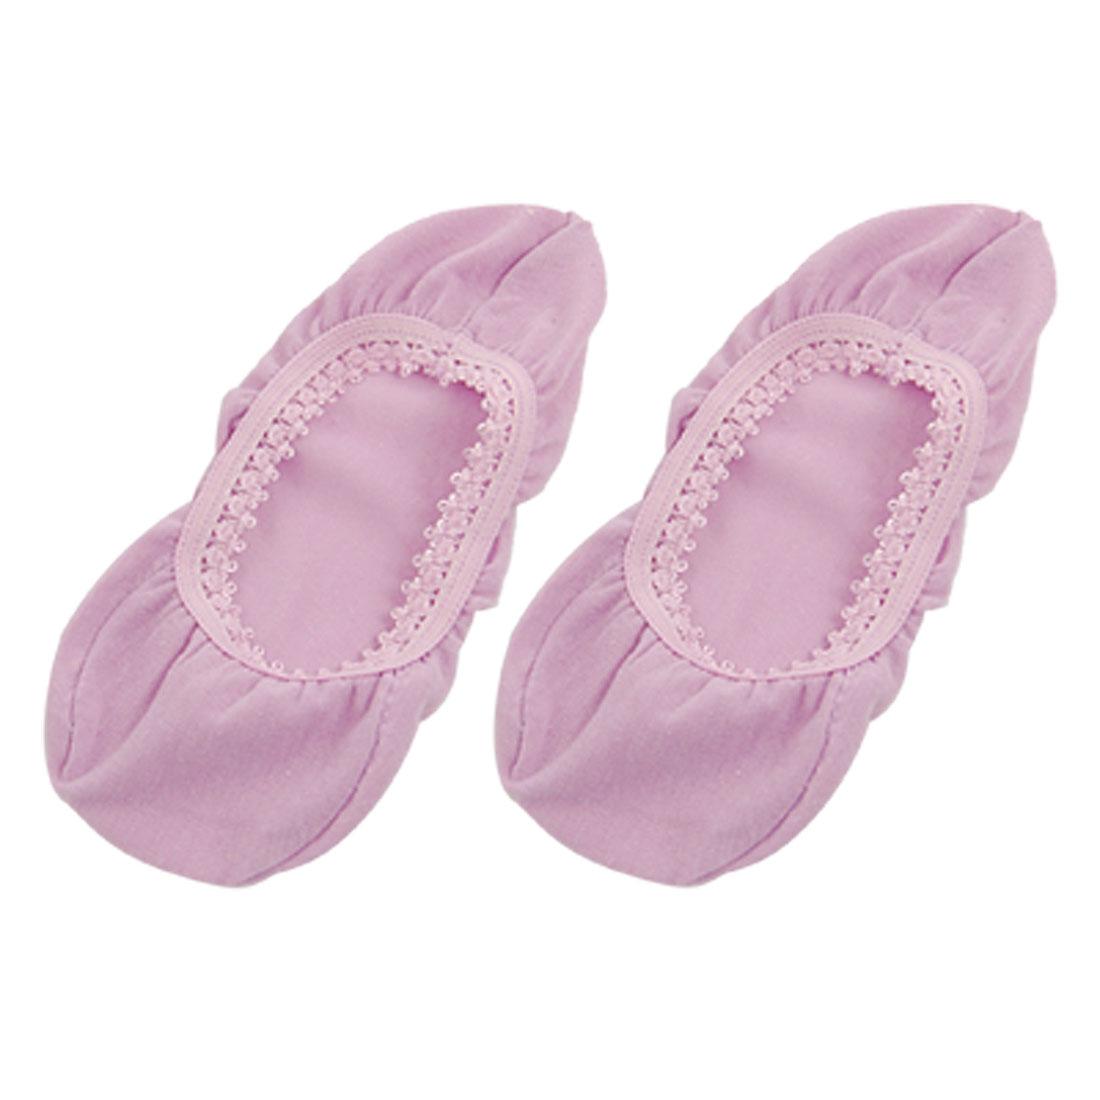 Women Summer Elastic Low Ankle Soft Boat Socks Purple